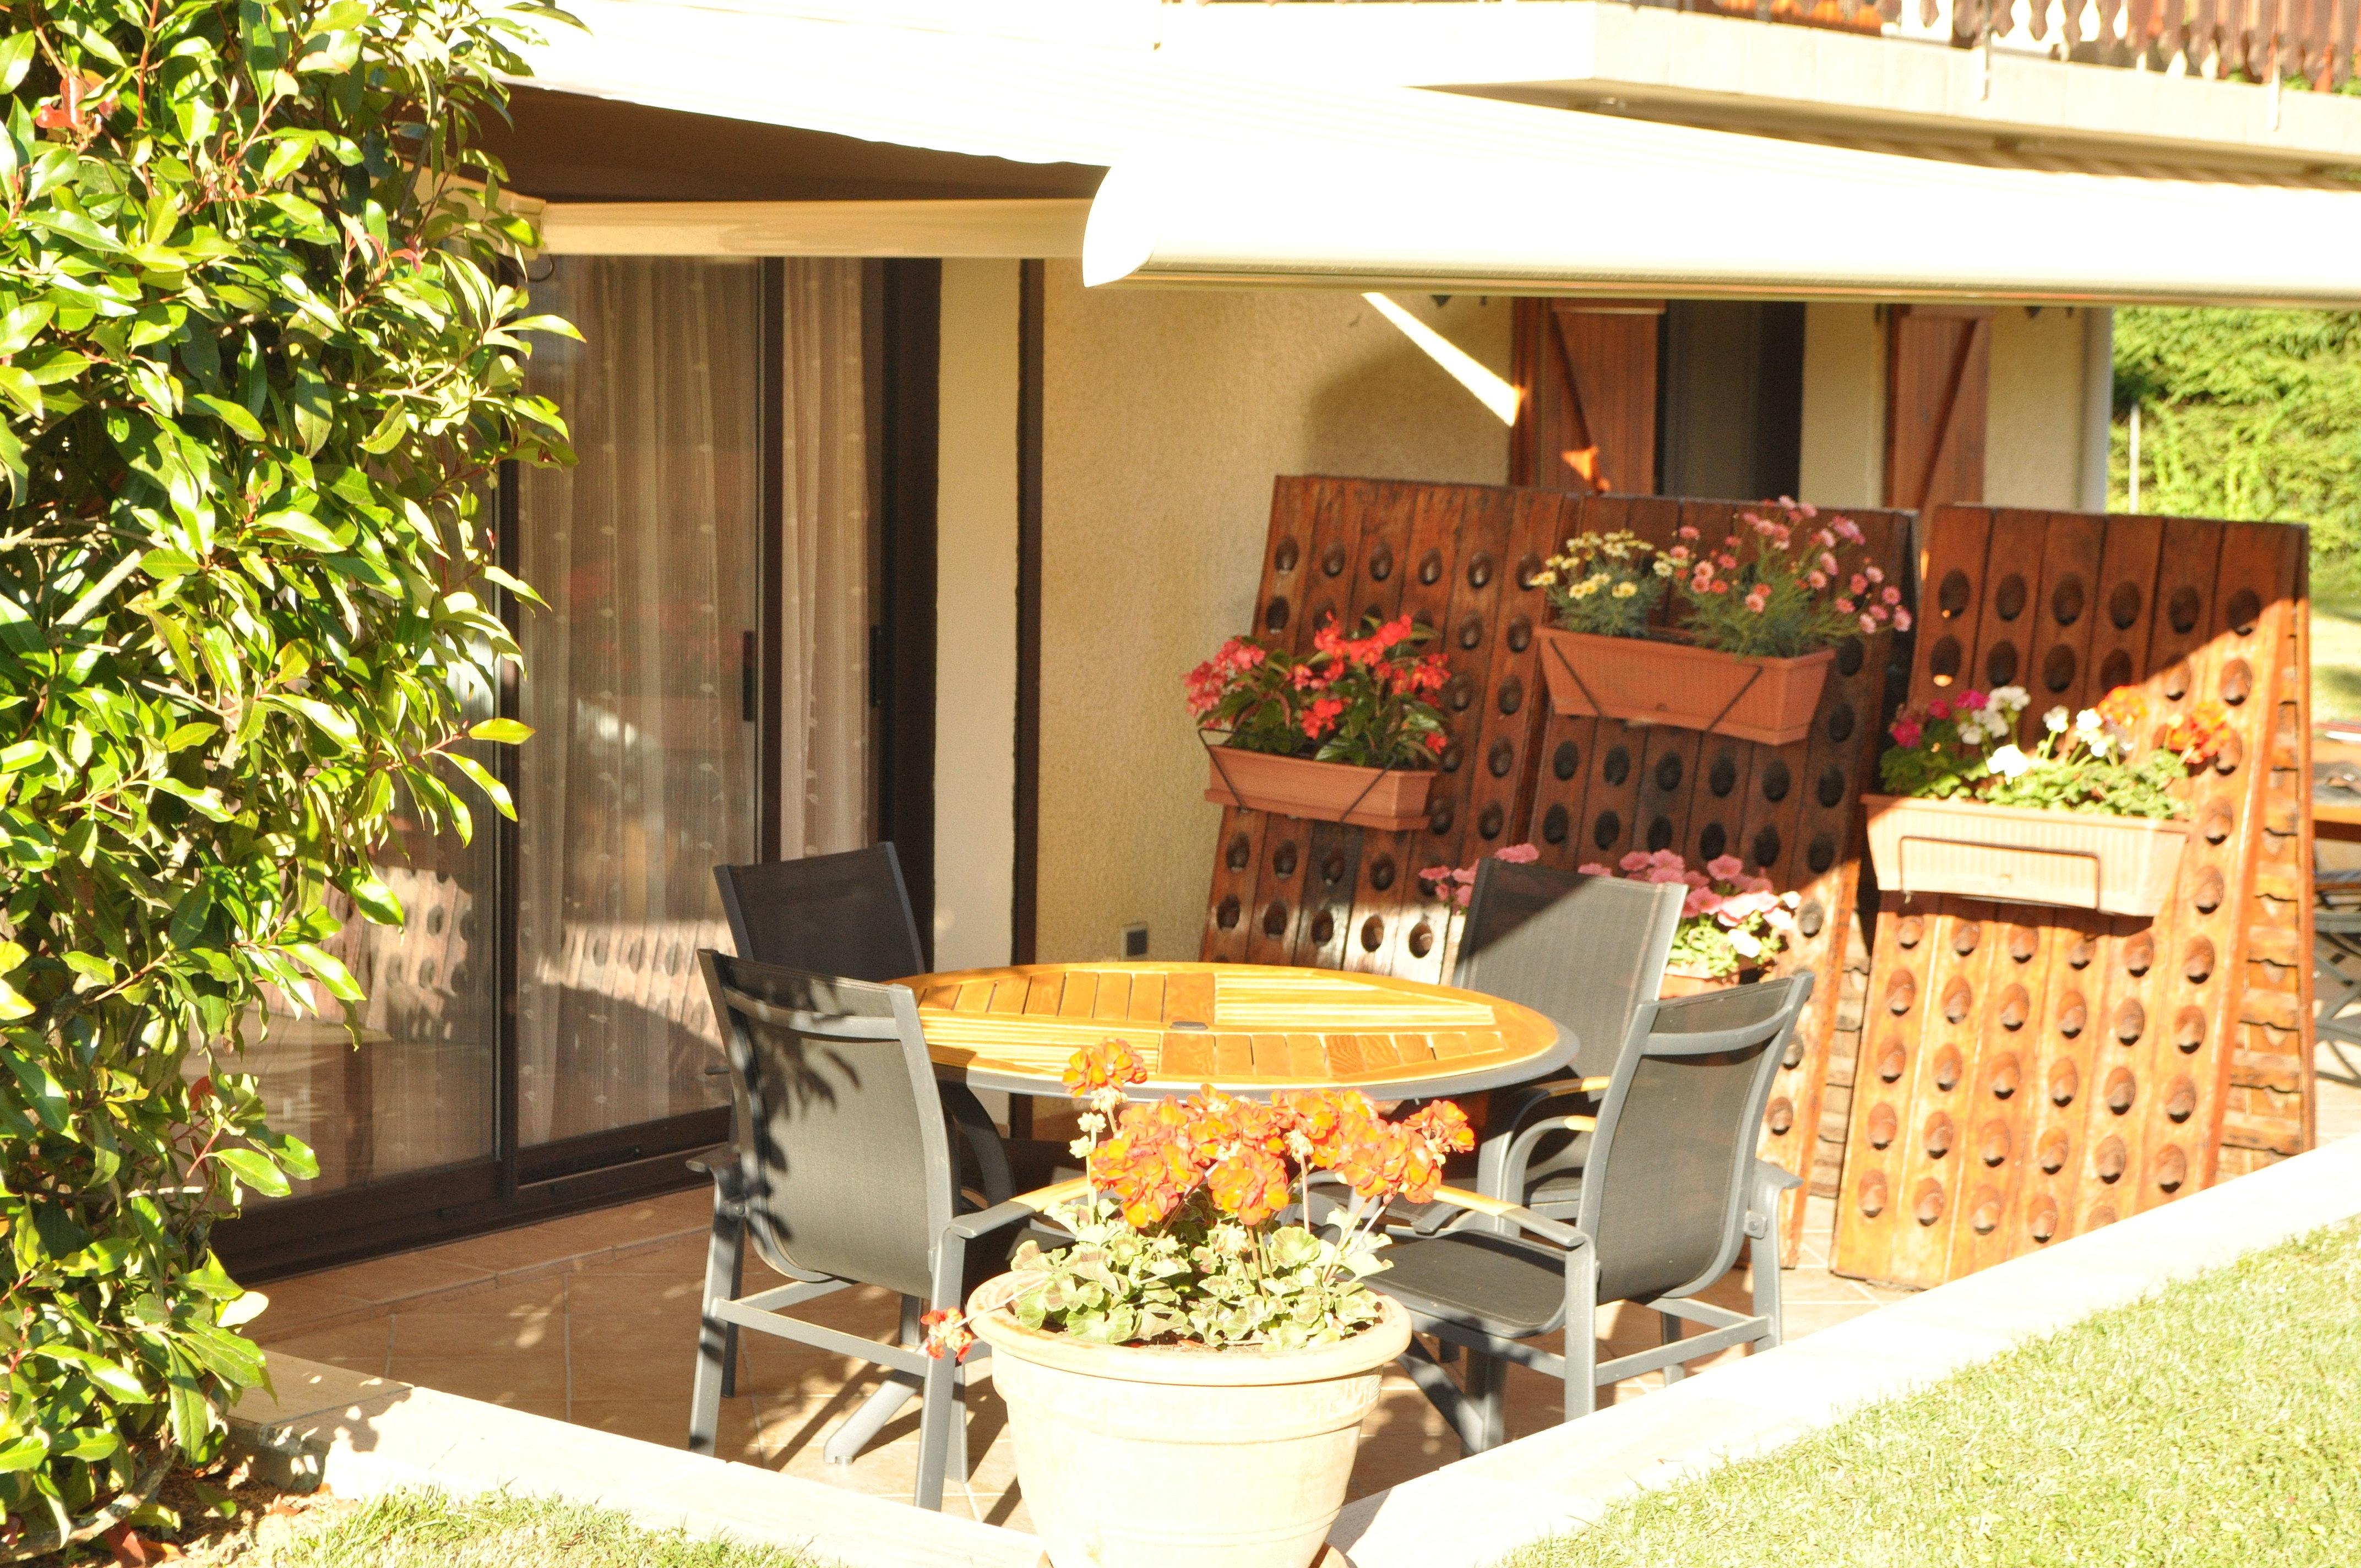 meubl touristique arenthon terrasse. Black Bedroom Furniture Sets. Home Design Ideas